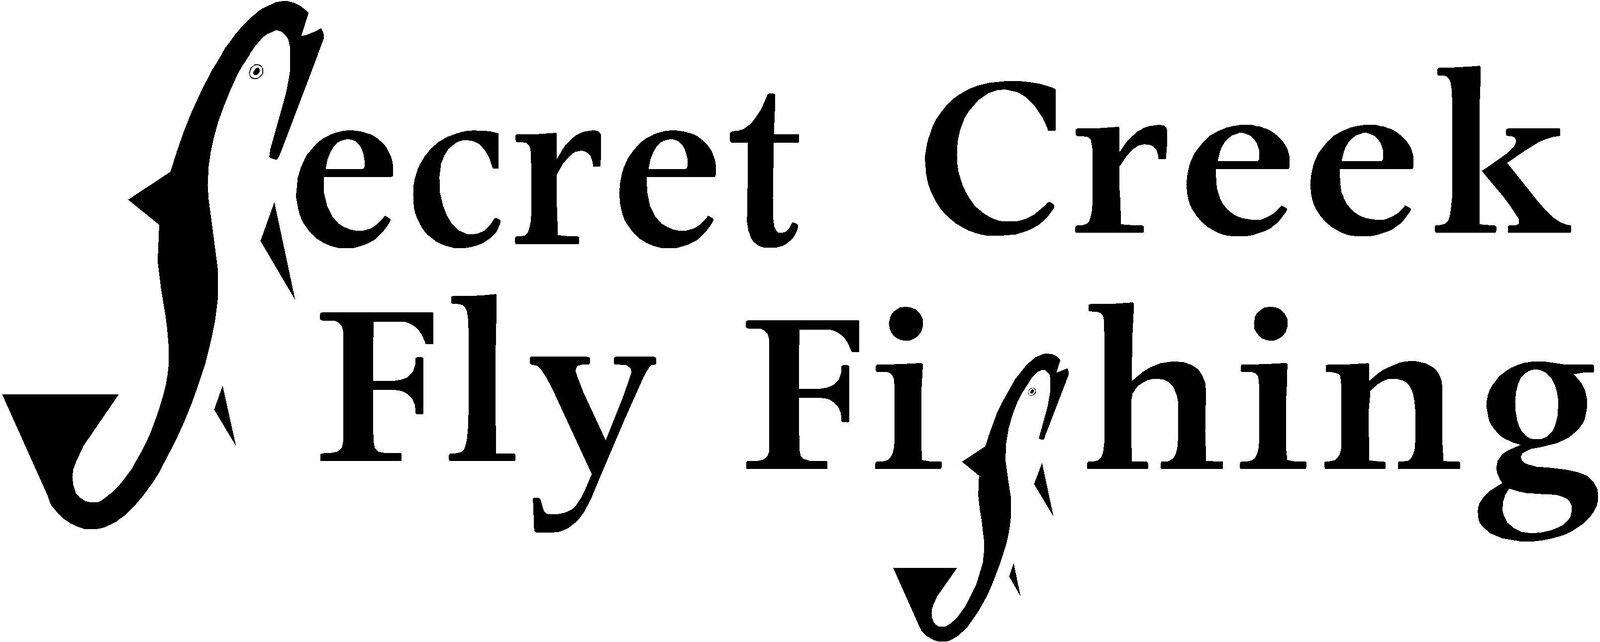 Secret Creek Fly Fishing